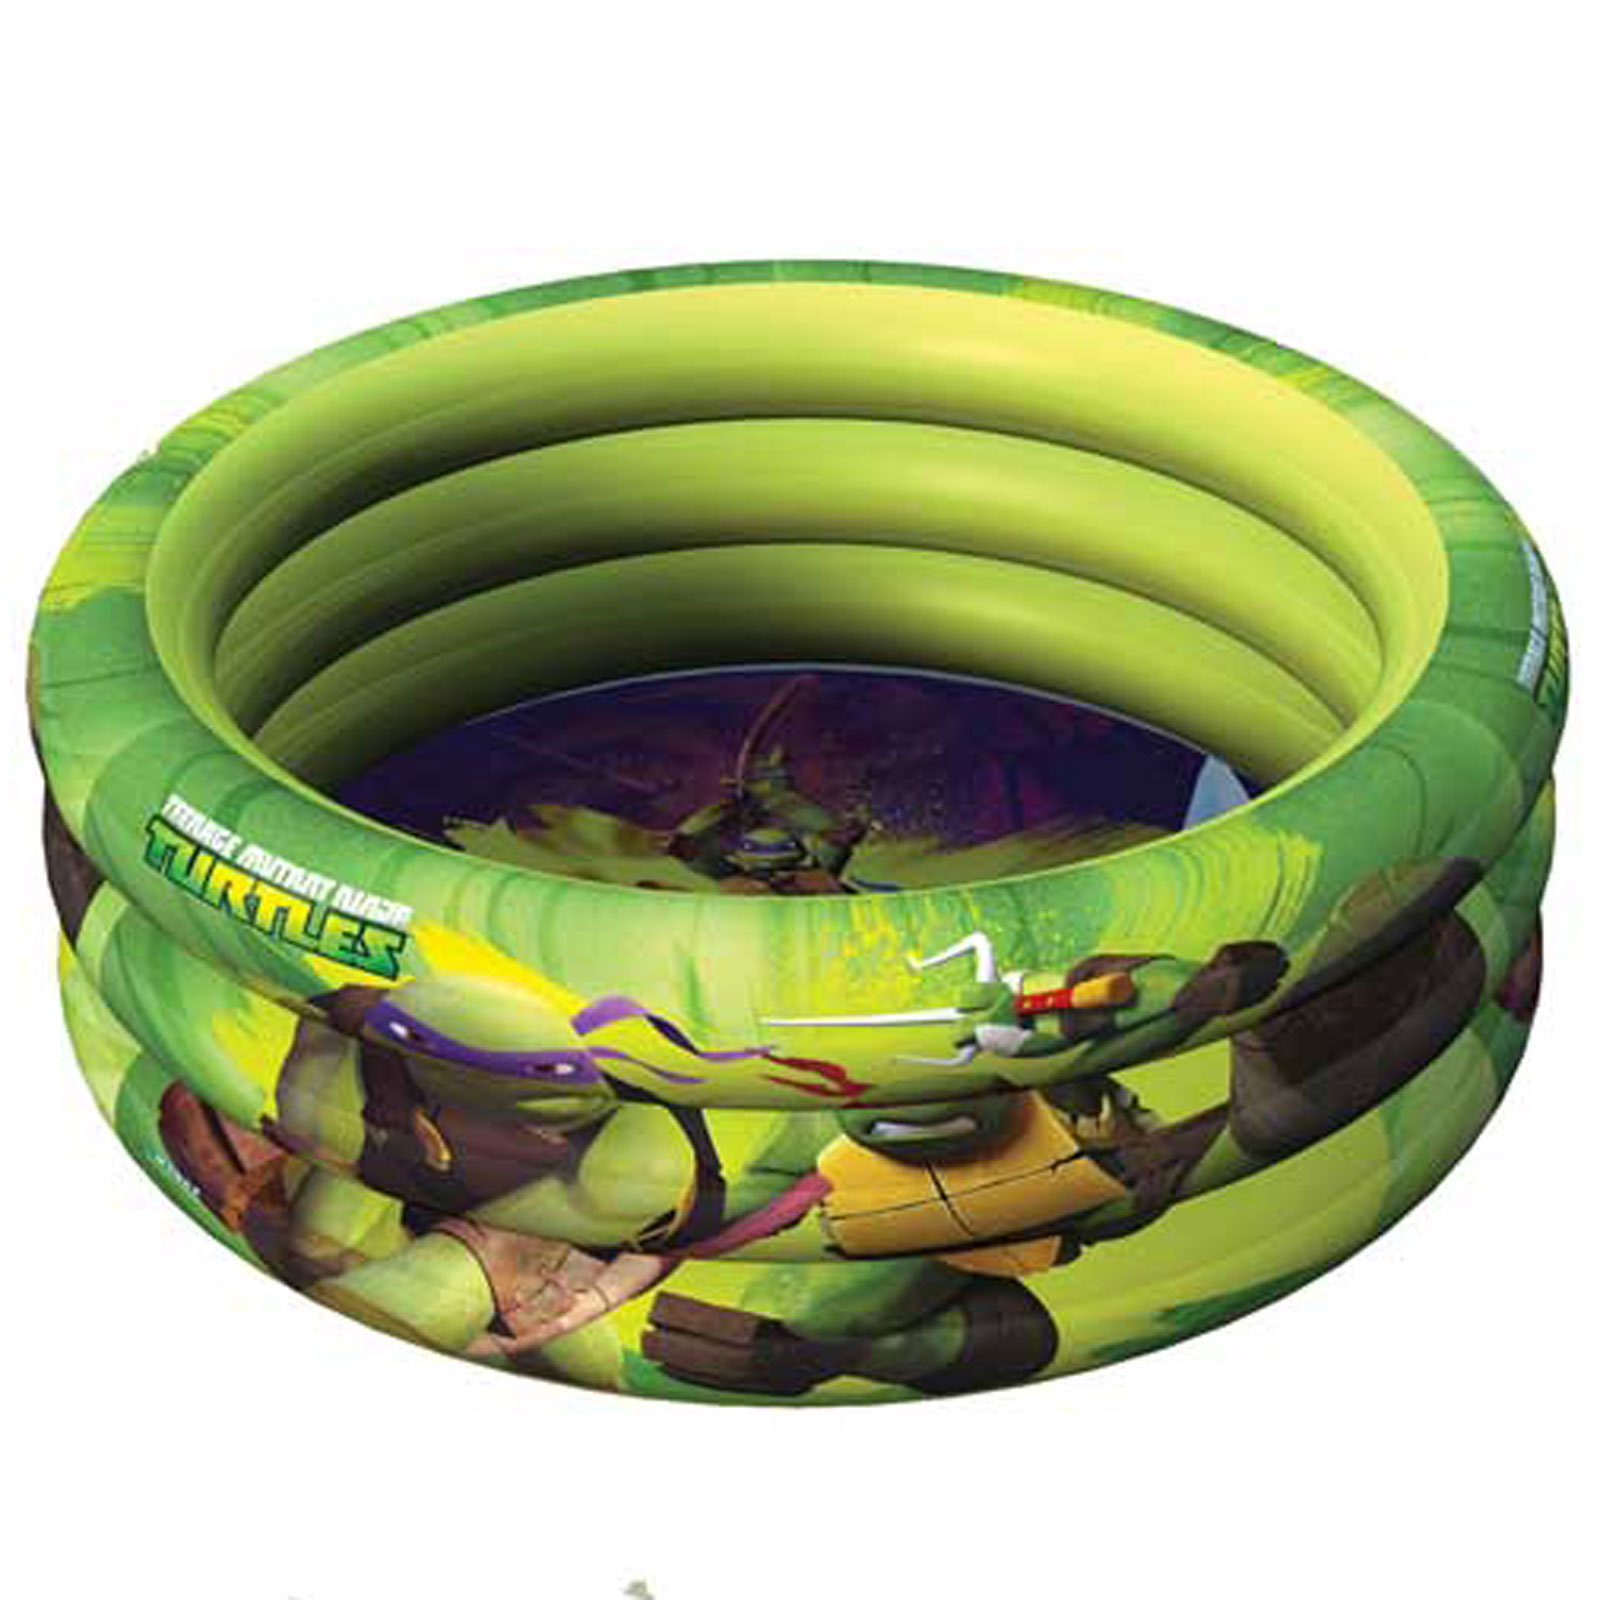 Teenage Mutant Ninja Turtles Inflatable Three Ring Paddling and Ball